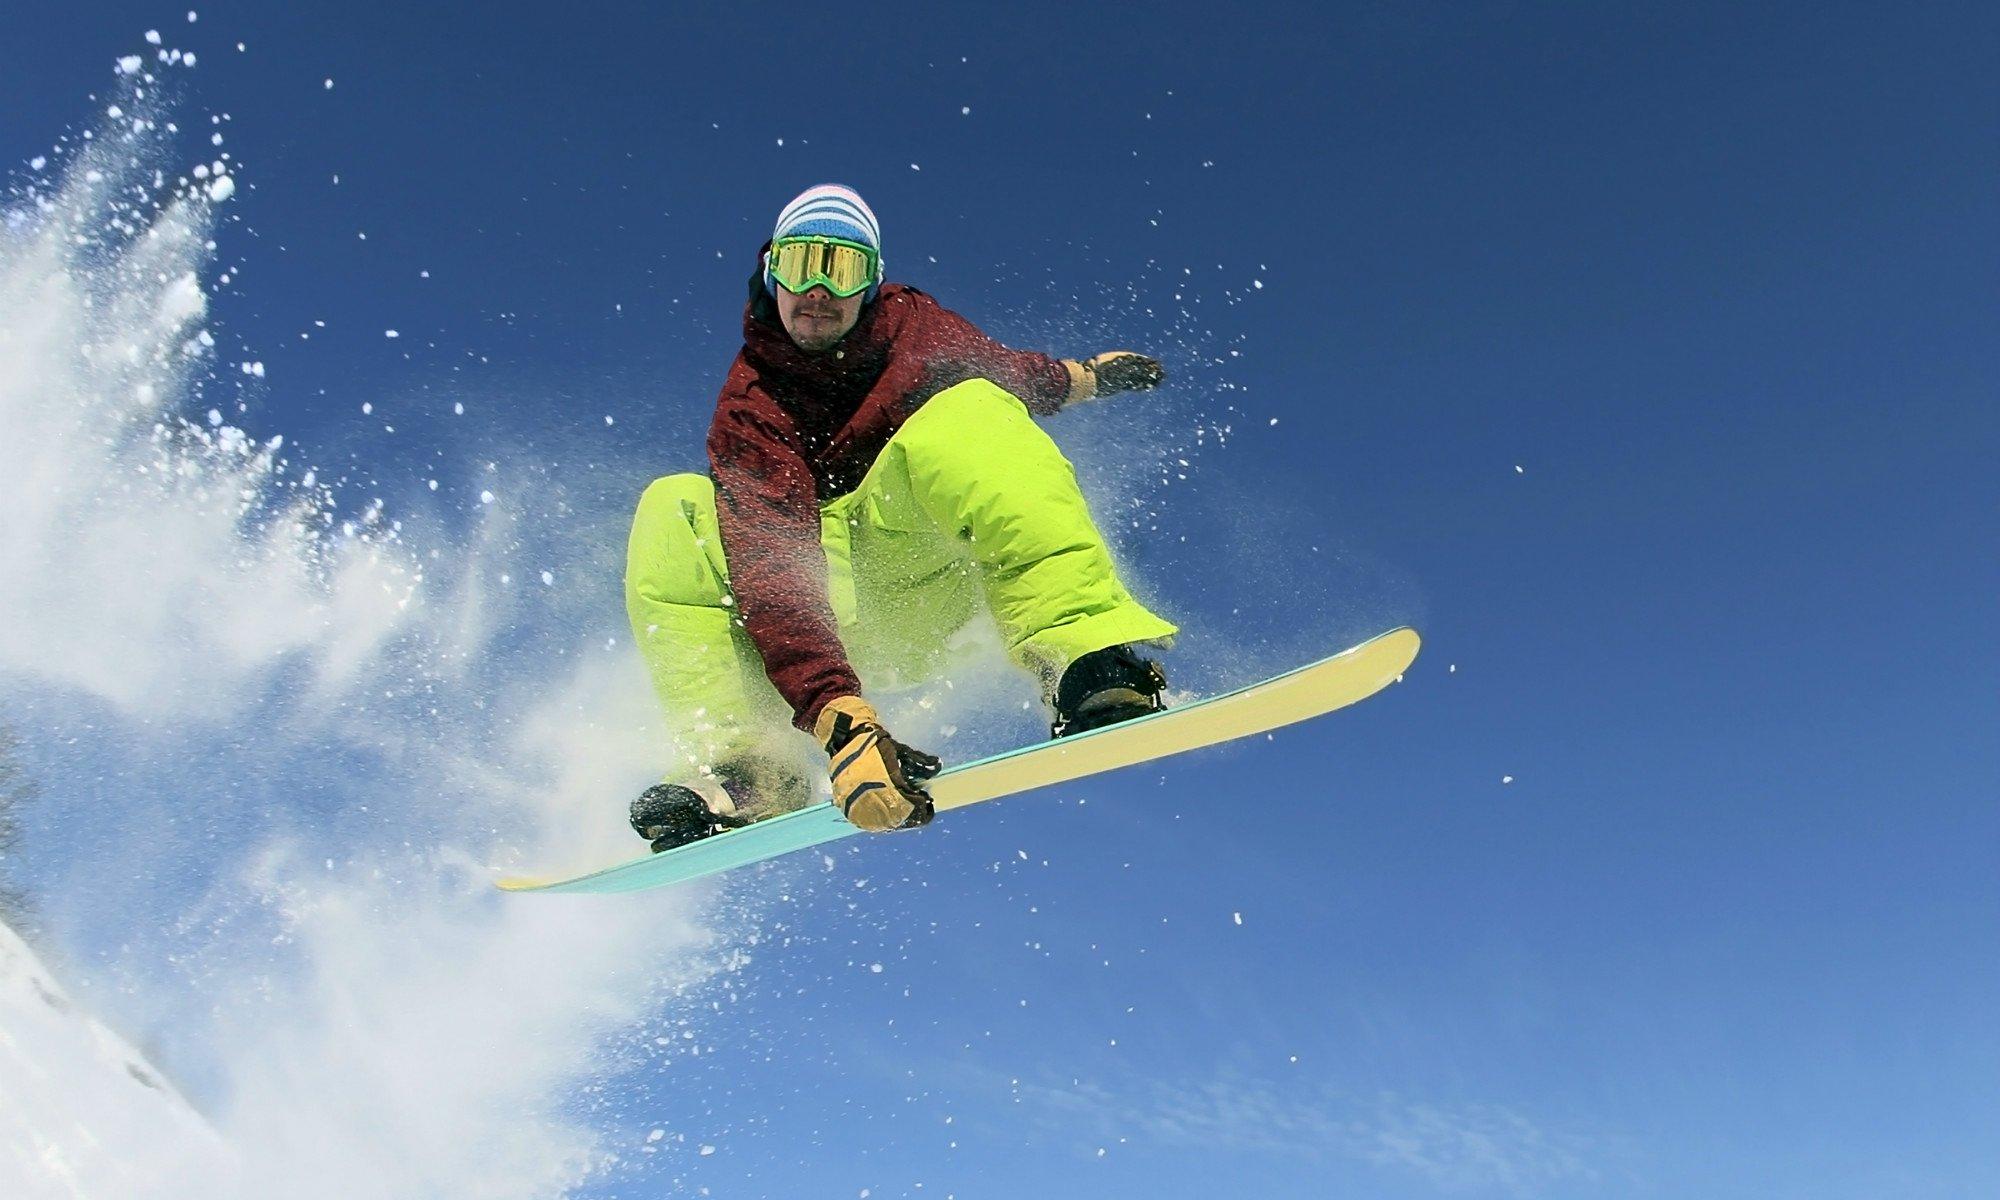 Un rider esperto posa verso la macchina fotografica mentre effettua un salto con il suo snowboard.